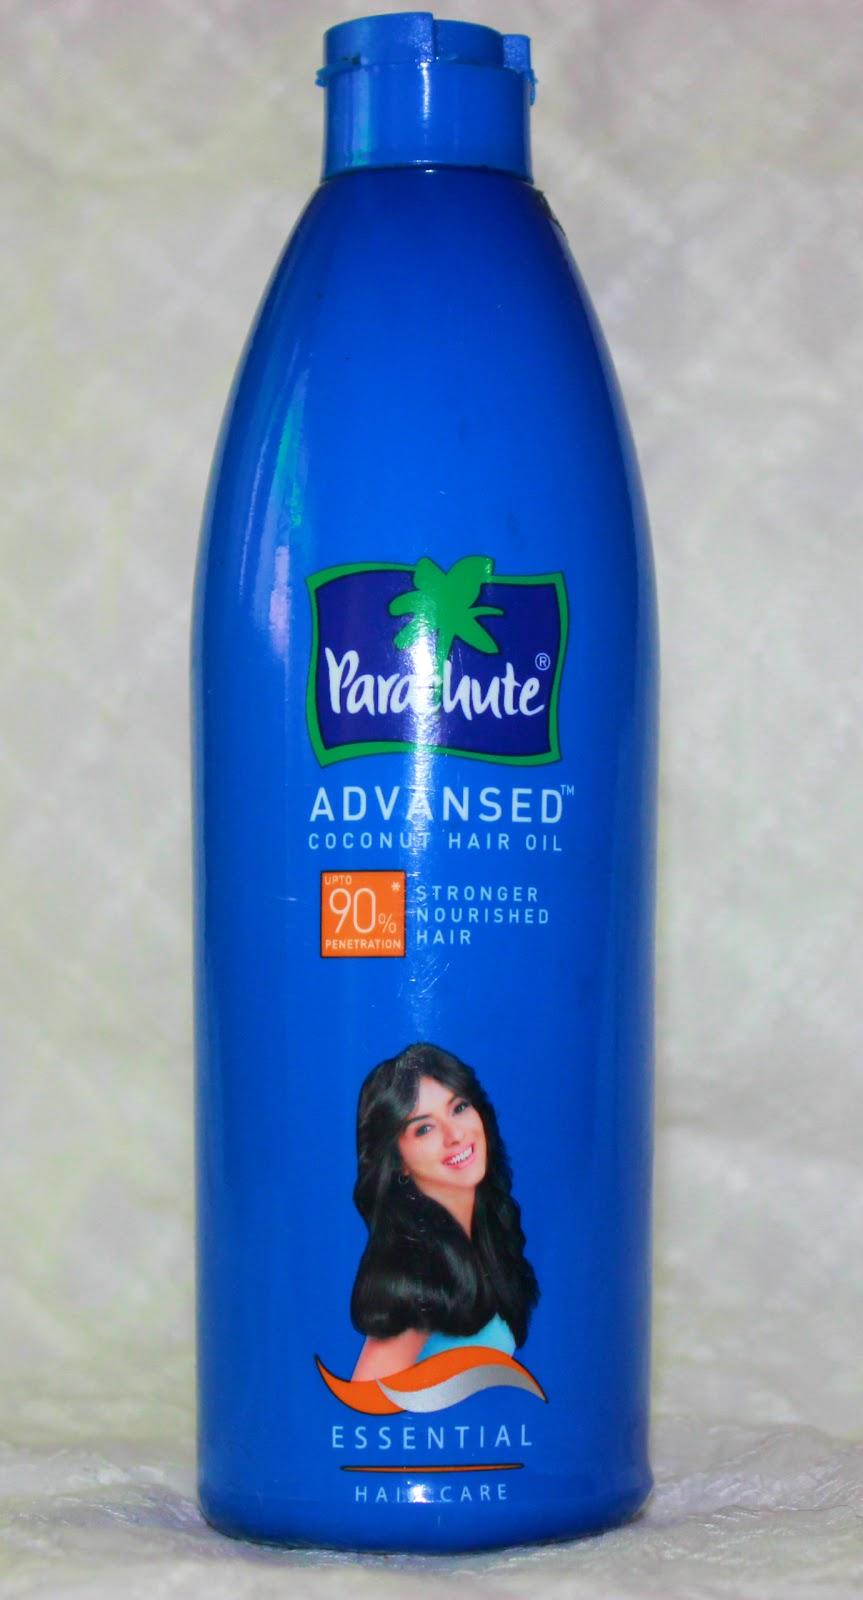 Parachute Advanced Coconut Hair Oil Review - Makeup Review ...